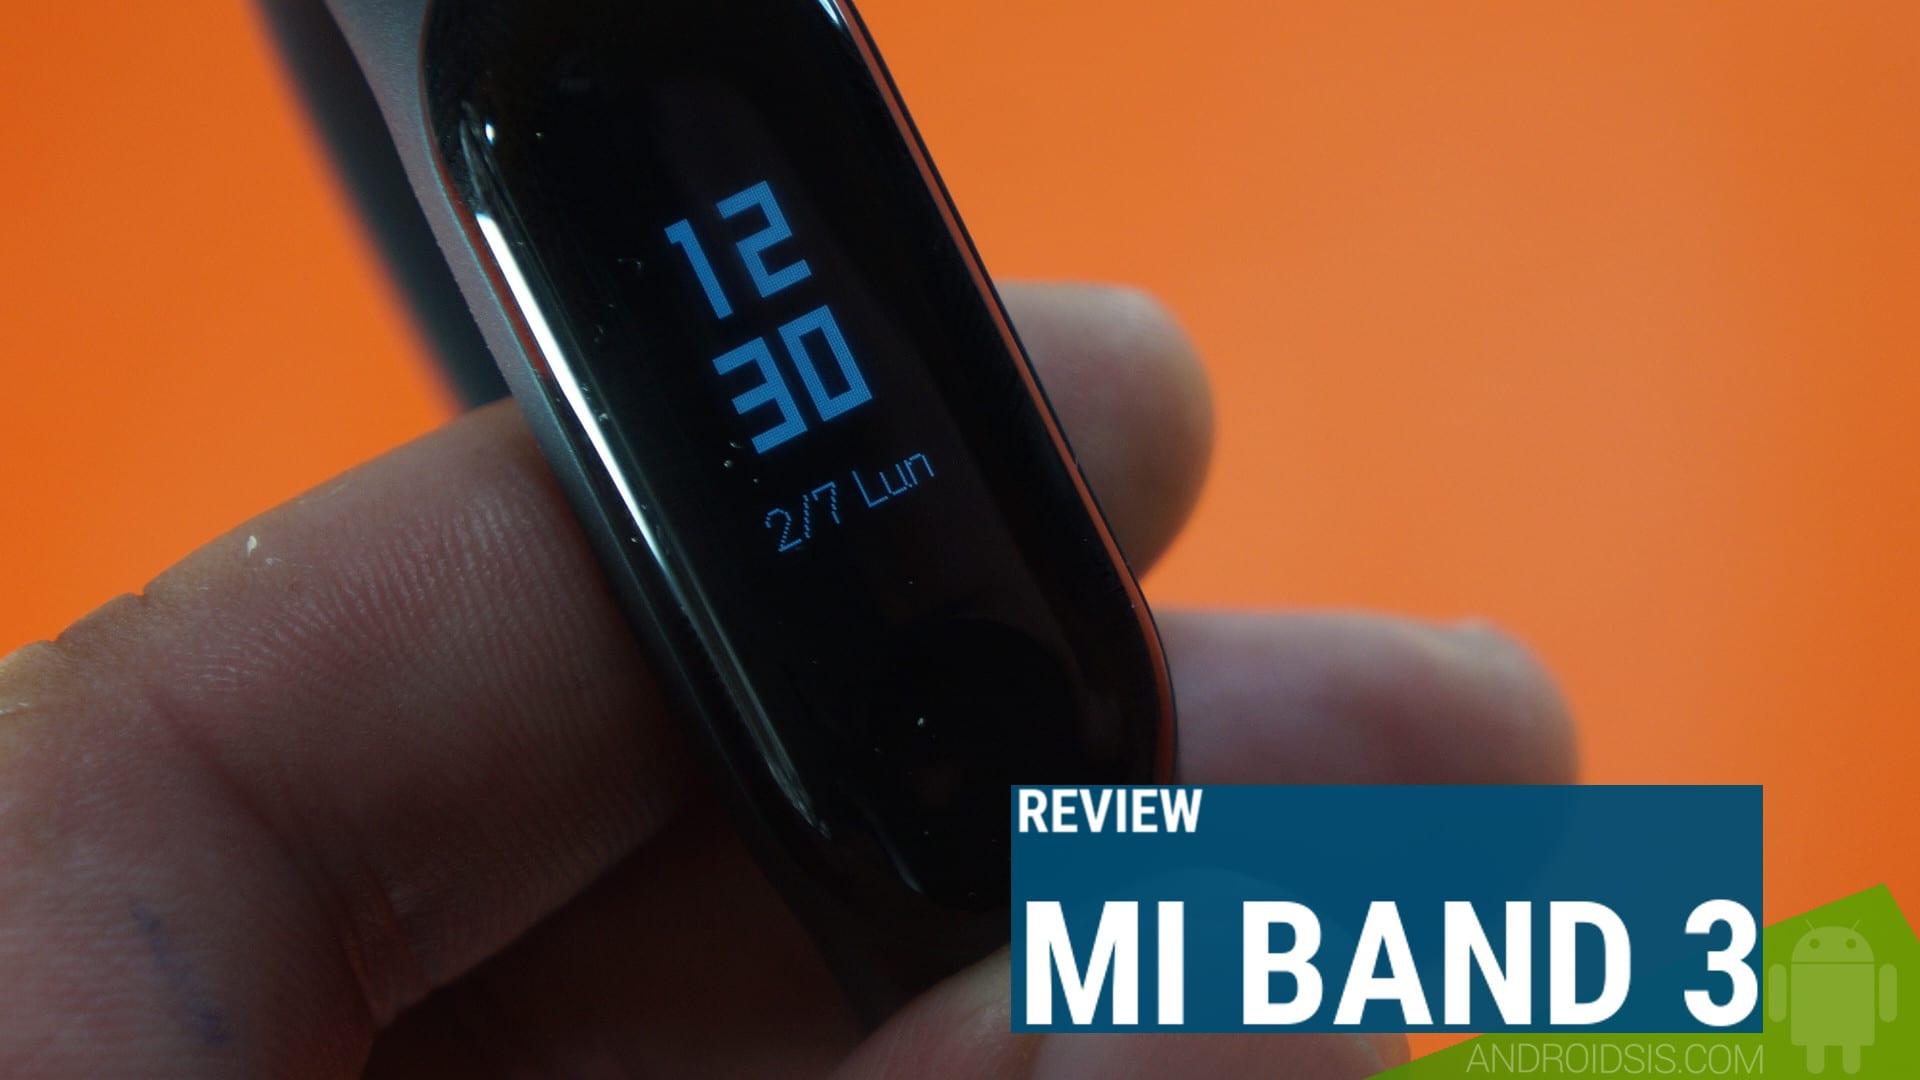 Review Xiaomi Mi Band 3